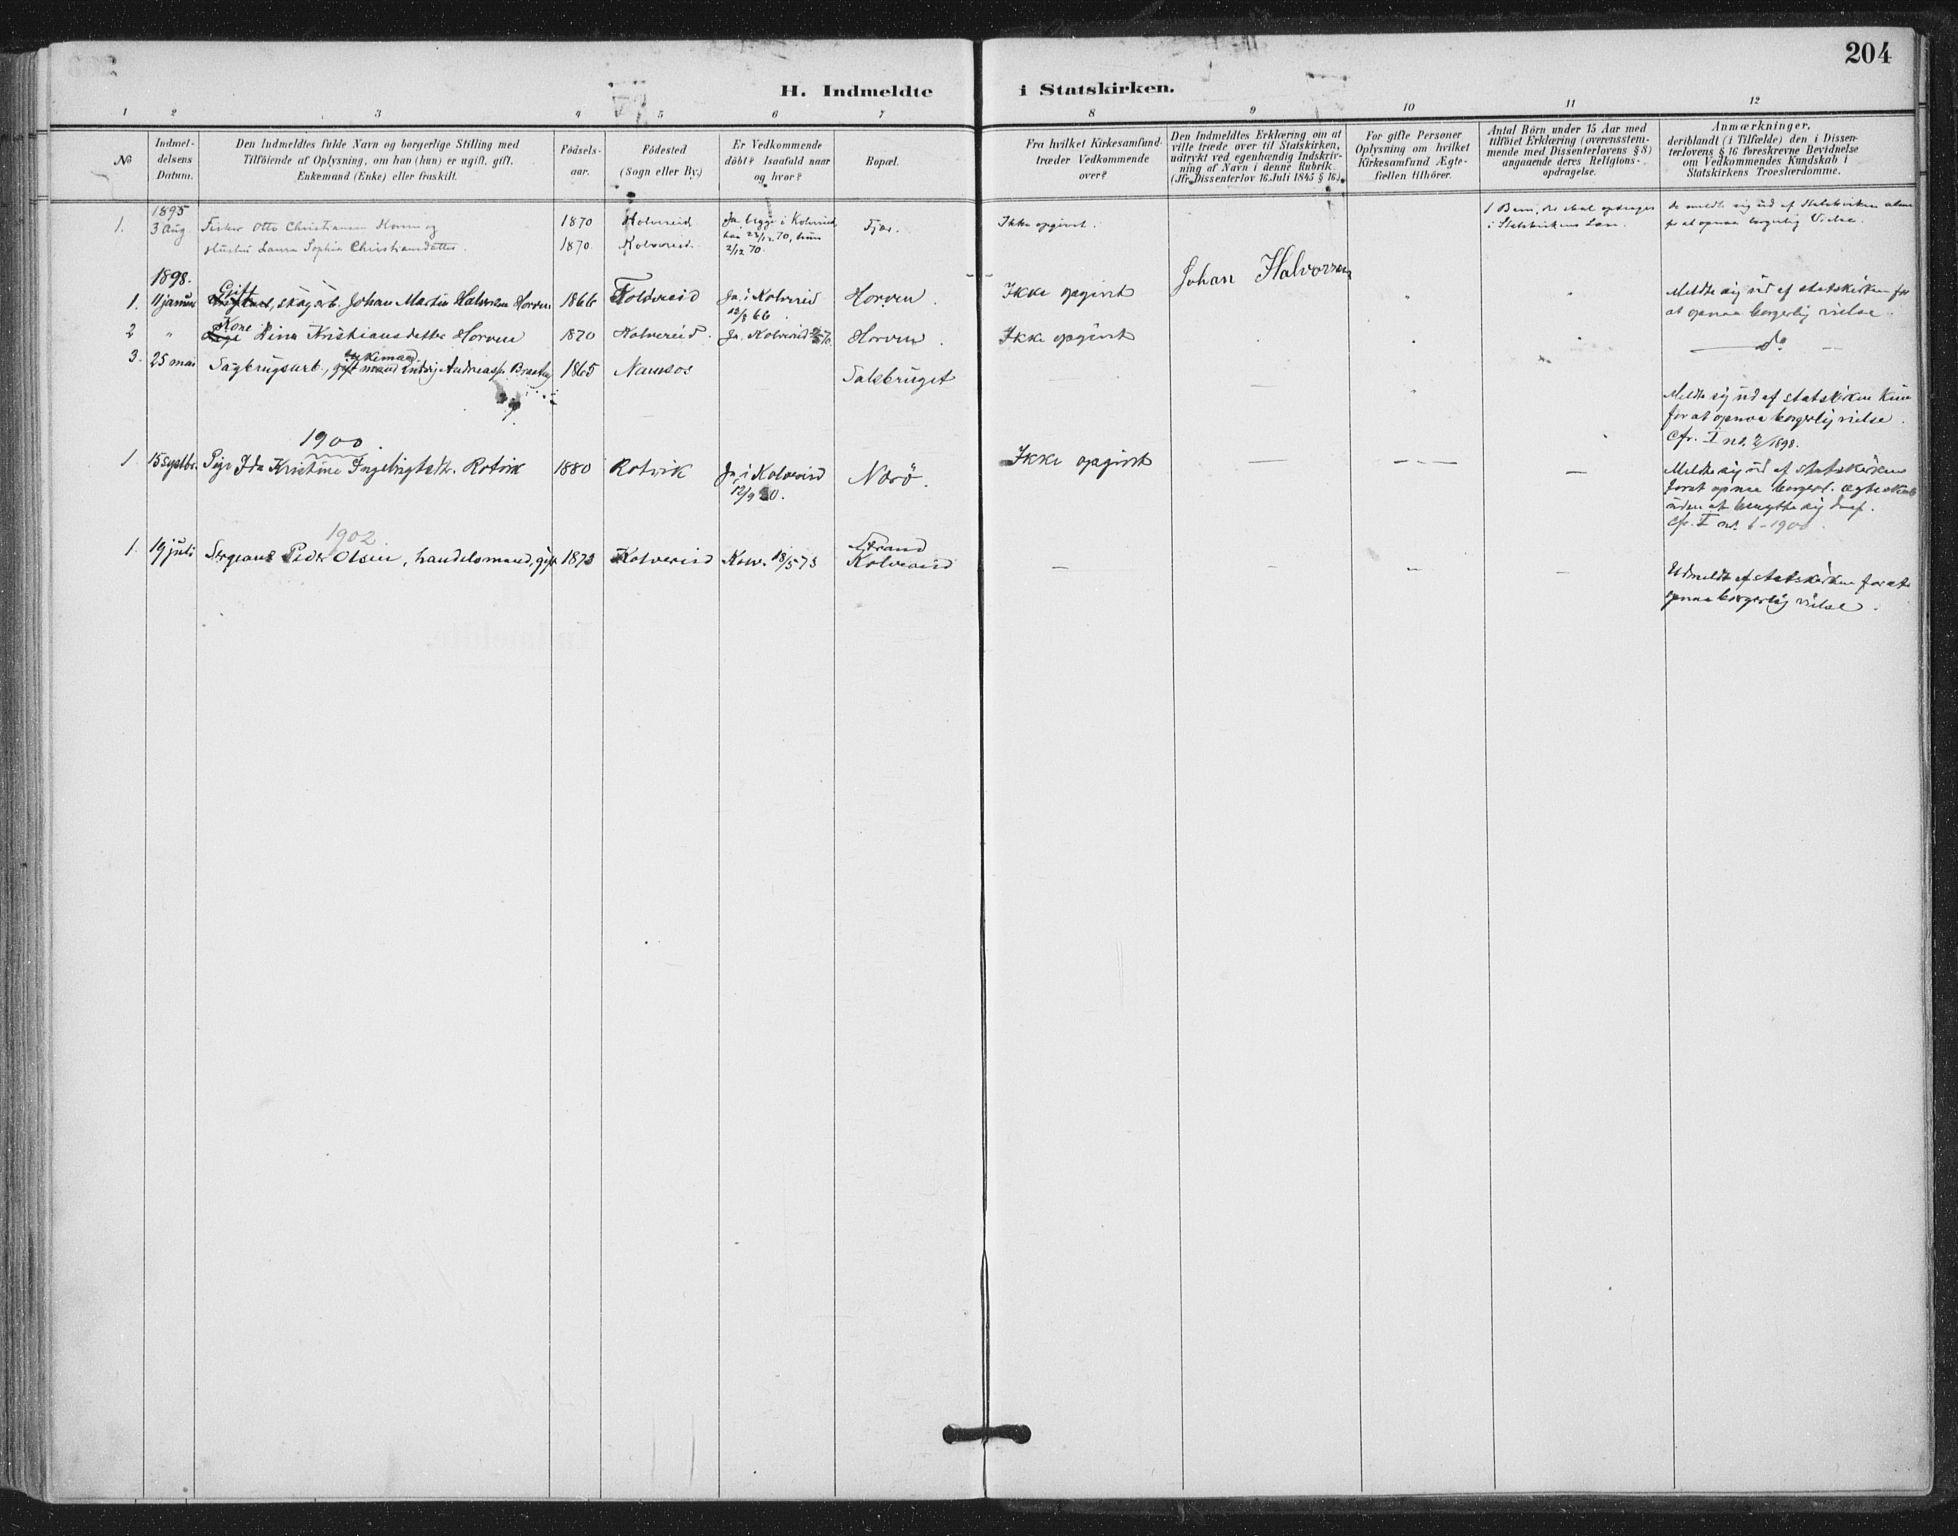 SAT, Ministerialprotokoller, klokkerbøker og fødselsregistre - Nord-Trøndelag, 780/L0644: Ministerialbok nr. 780A08, 1886-1903, s. 204